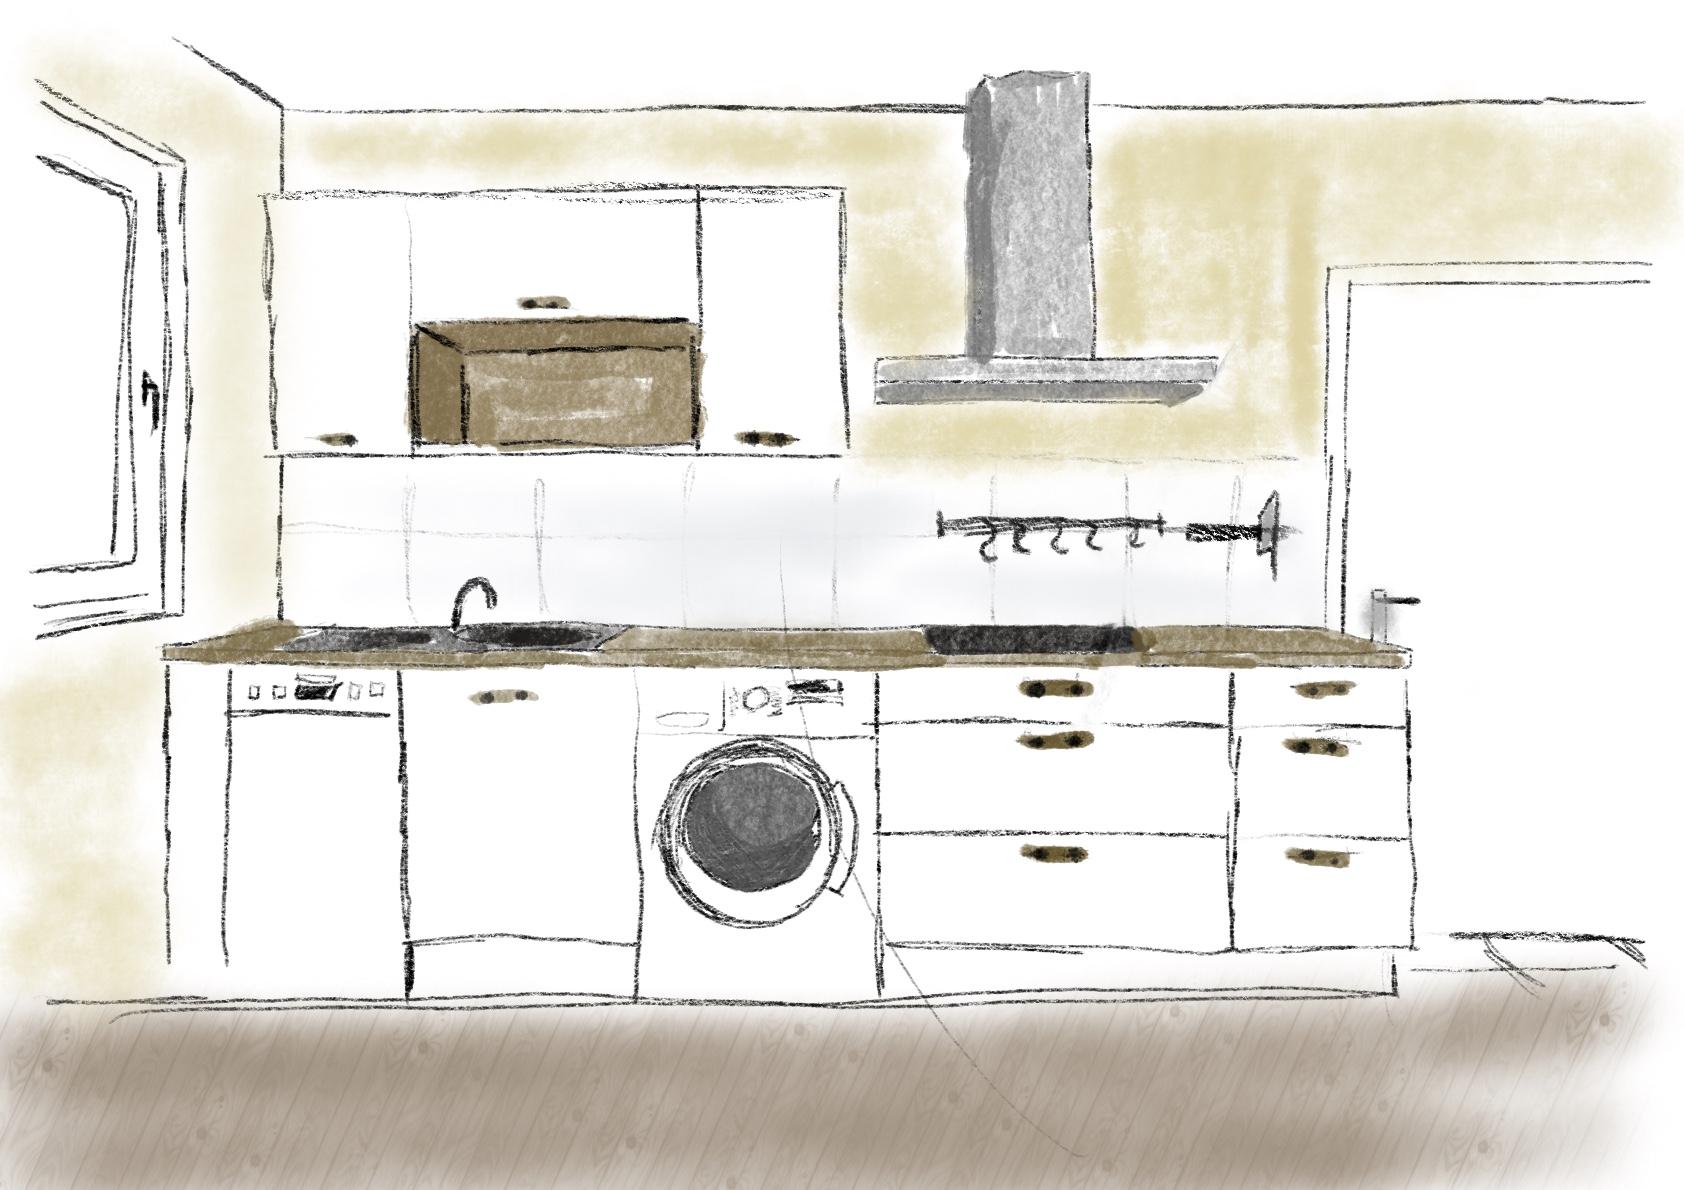 Wir planen eine neue Küche – die Planung